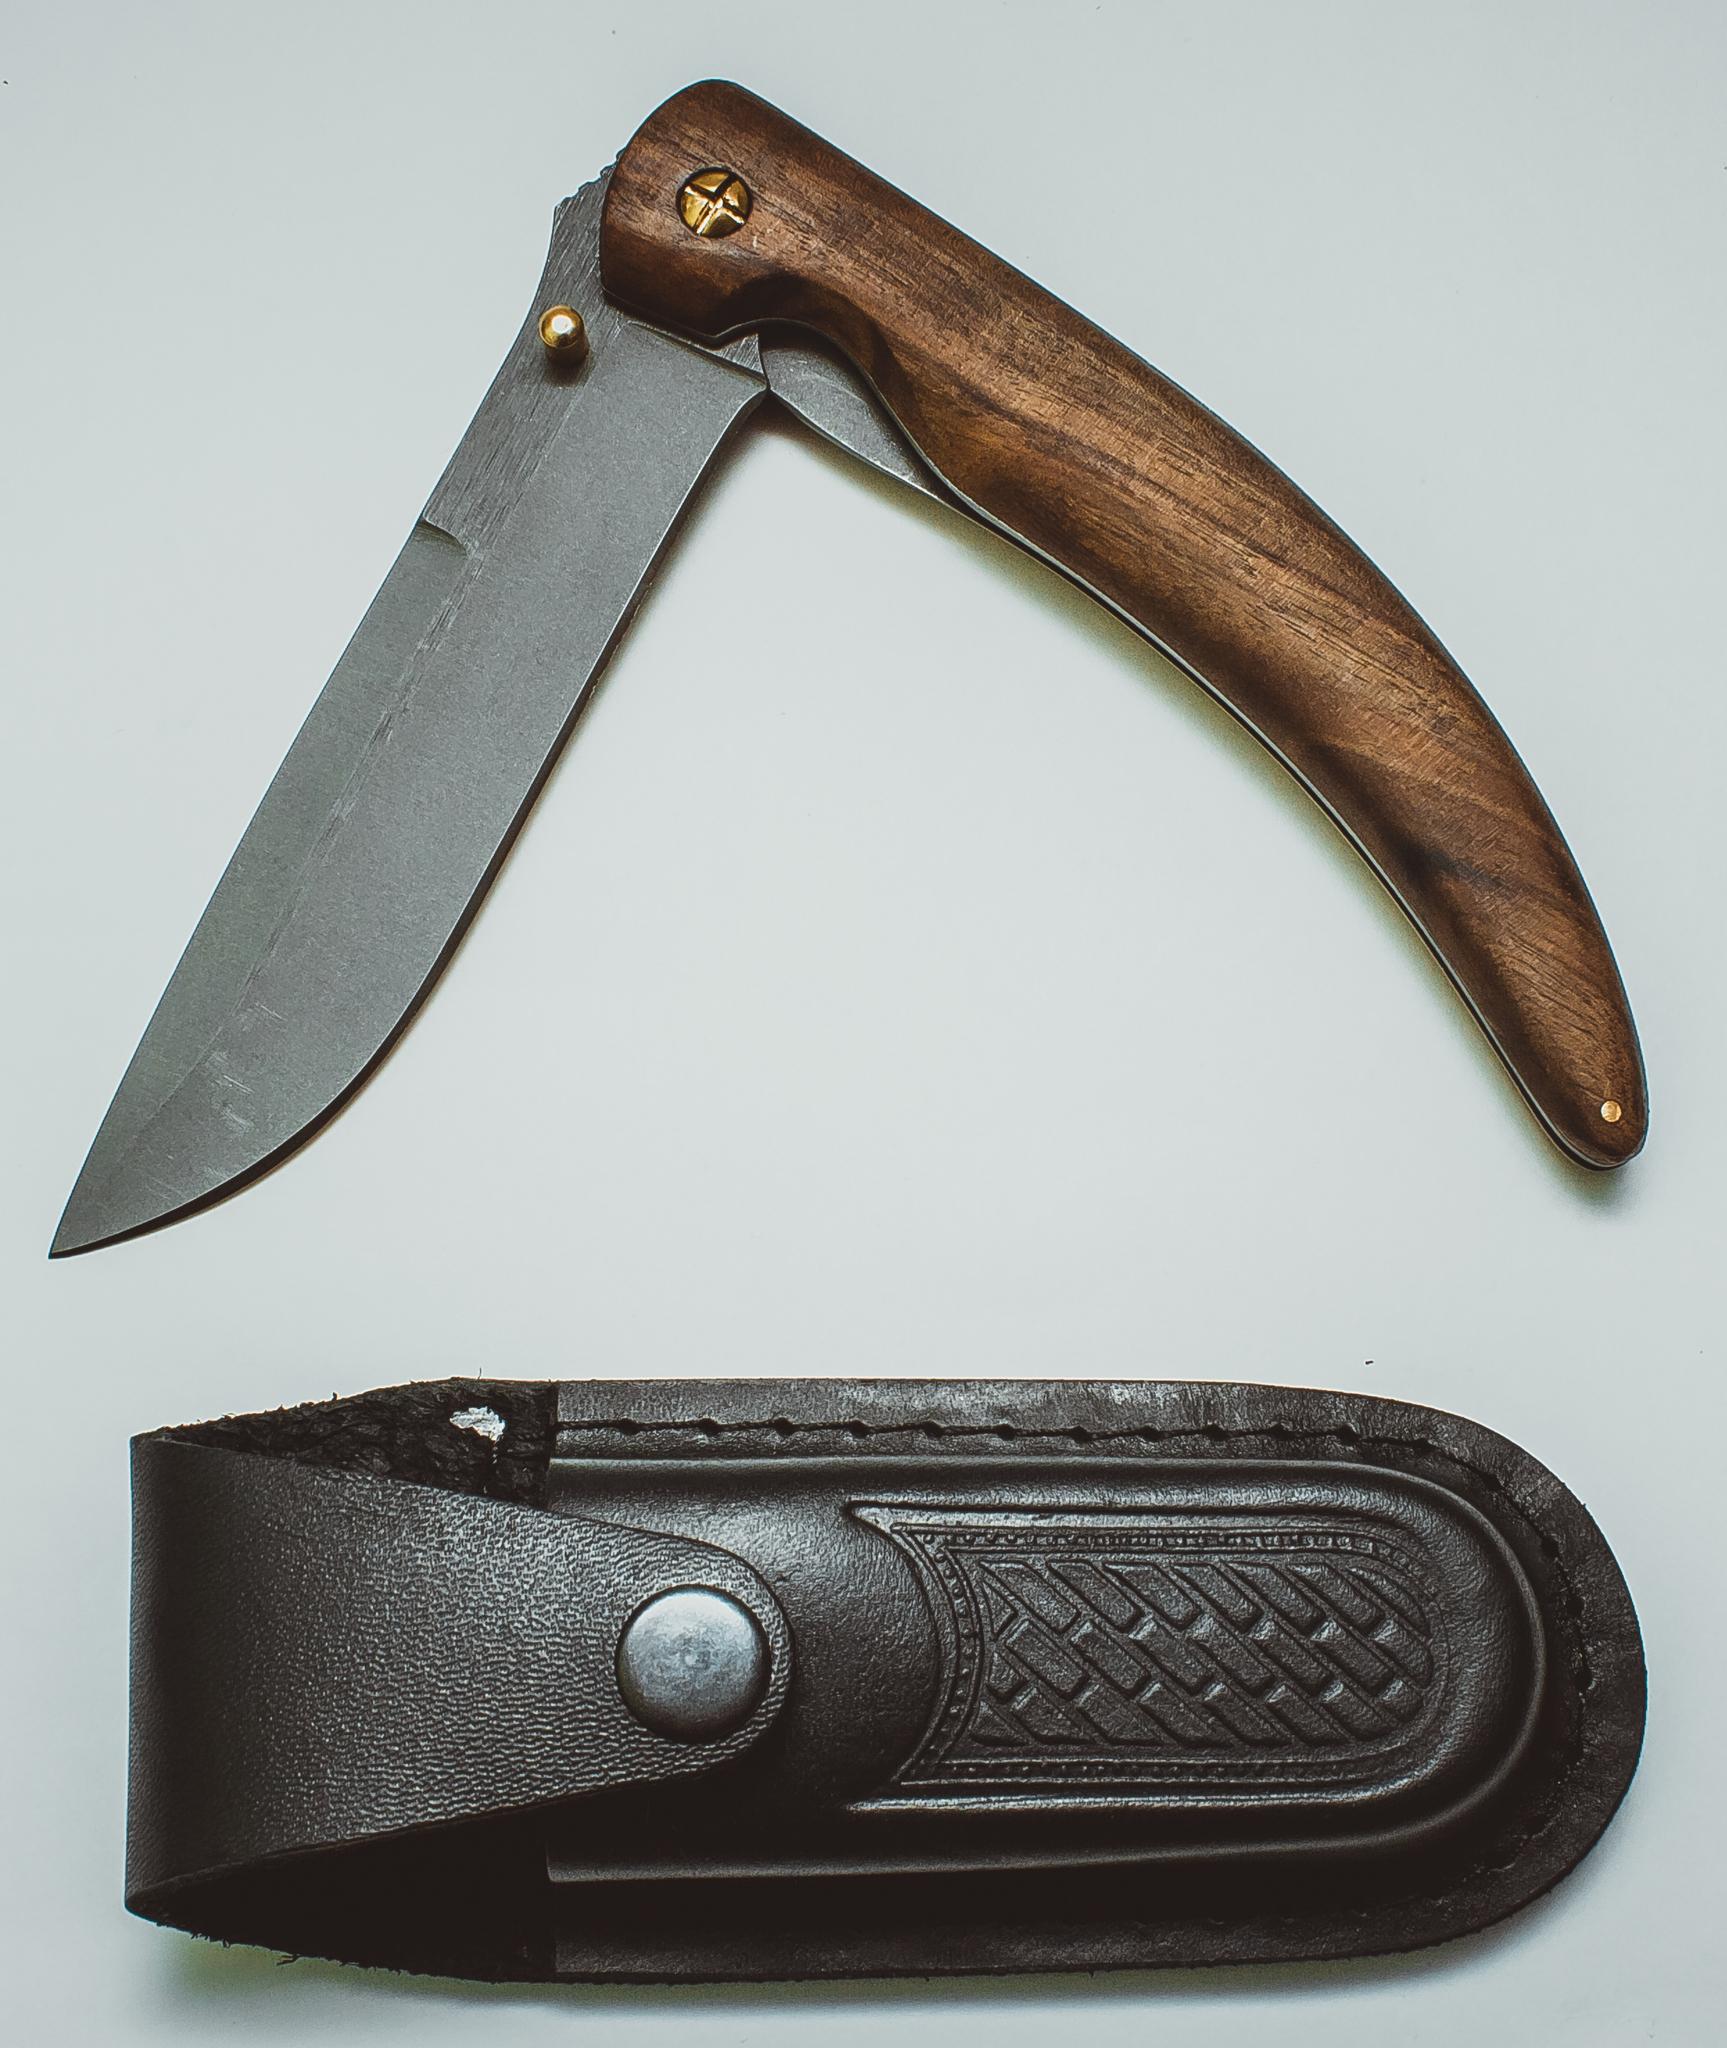 Складной нож Нарвал, сталь 95х18, орехРаскладные ножи<br>Клинок этого ножа может использоваться для решения разнообразных задач, с которыми человеку приходится сталкиваться как в городе, так и в природе. Можно сказать, что нож «Нарвал» многофункционален и универсален. Таким ножом удобно пользоваться в процессе приготовления пищи. Нож можно использовать для разделки и свежевания небольшой дичи. К тому же, этот нож просто красив и его приятно показать друзьям во время вечерних посиделок. Чтобы ношение ножа не доставляло неудобств, в комплекте есть удобный чехол из натуральной кожи.<br>